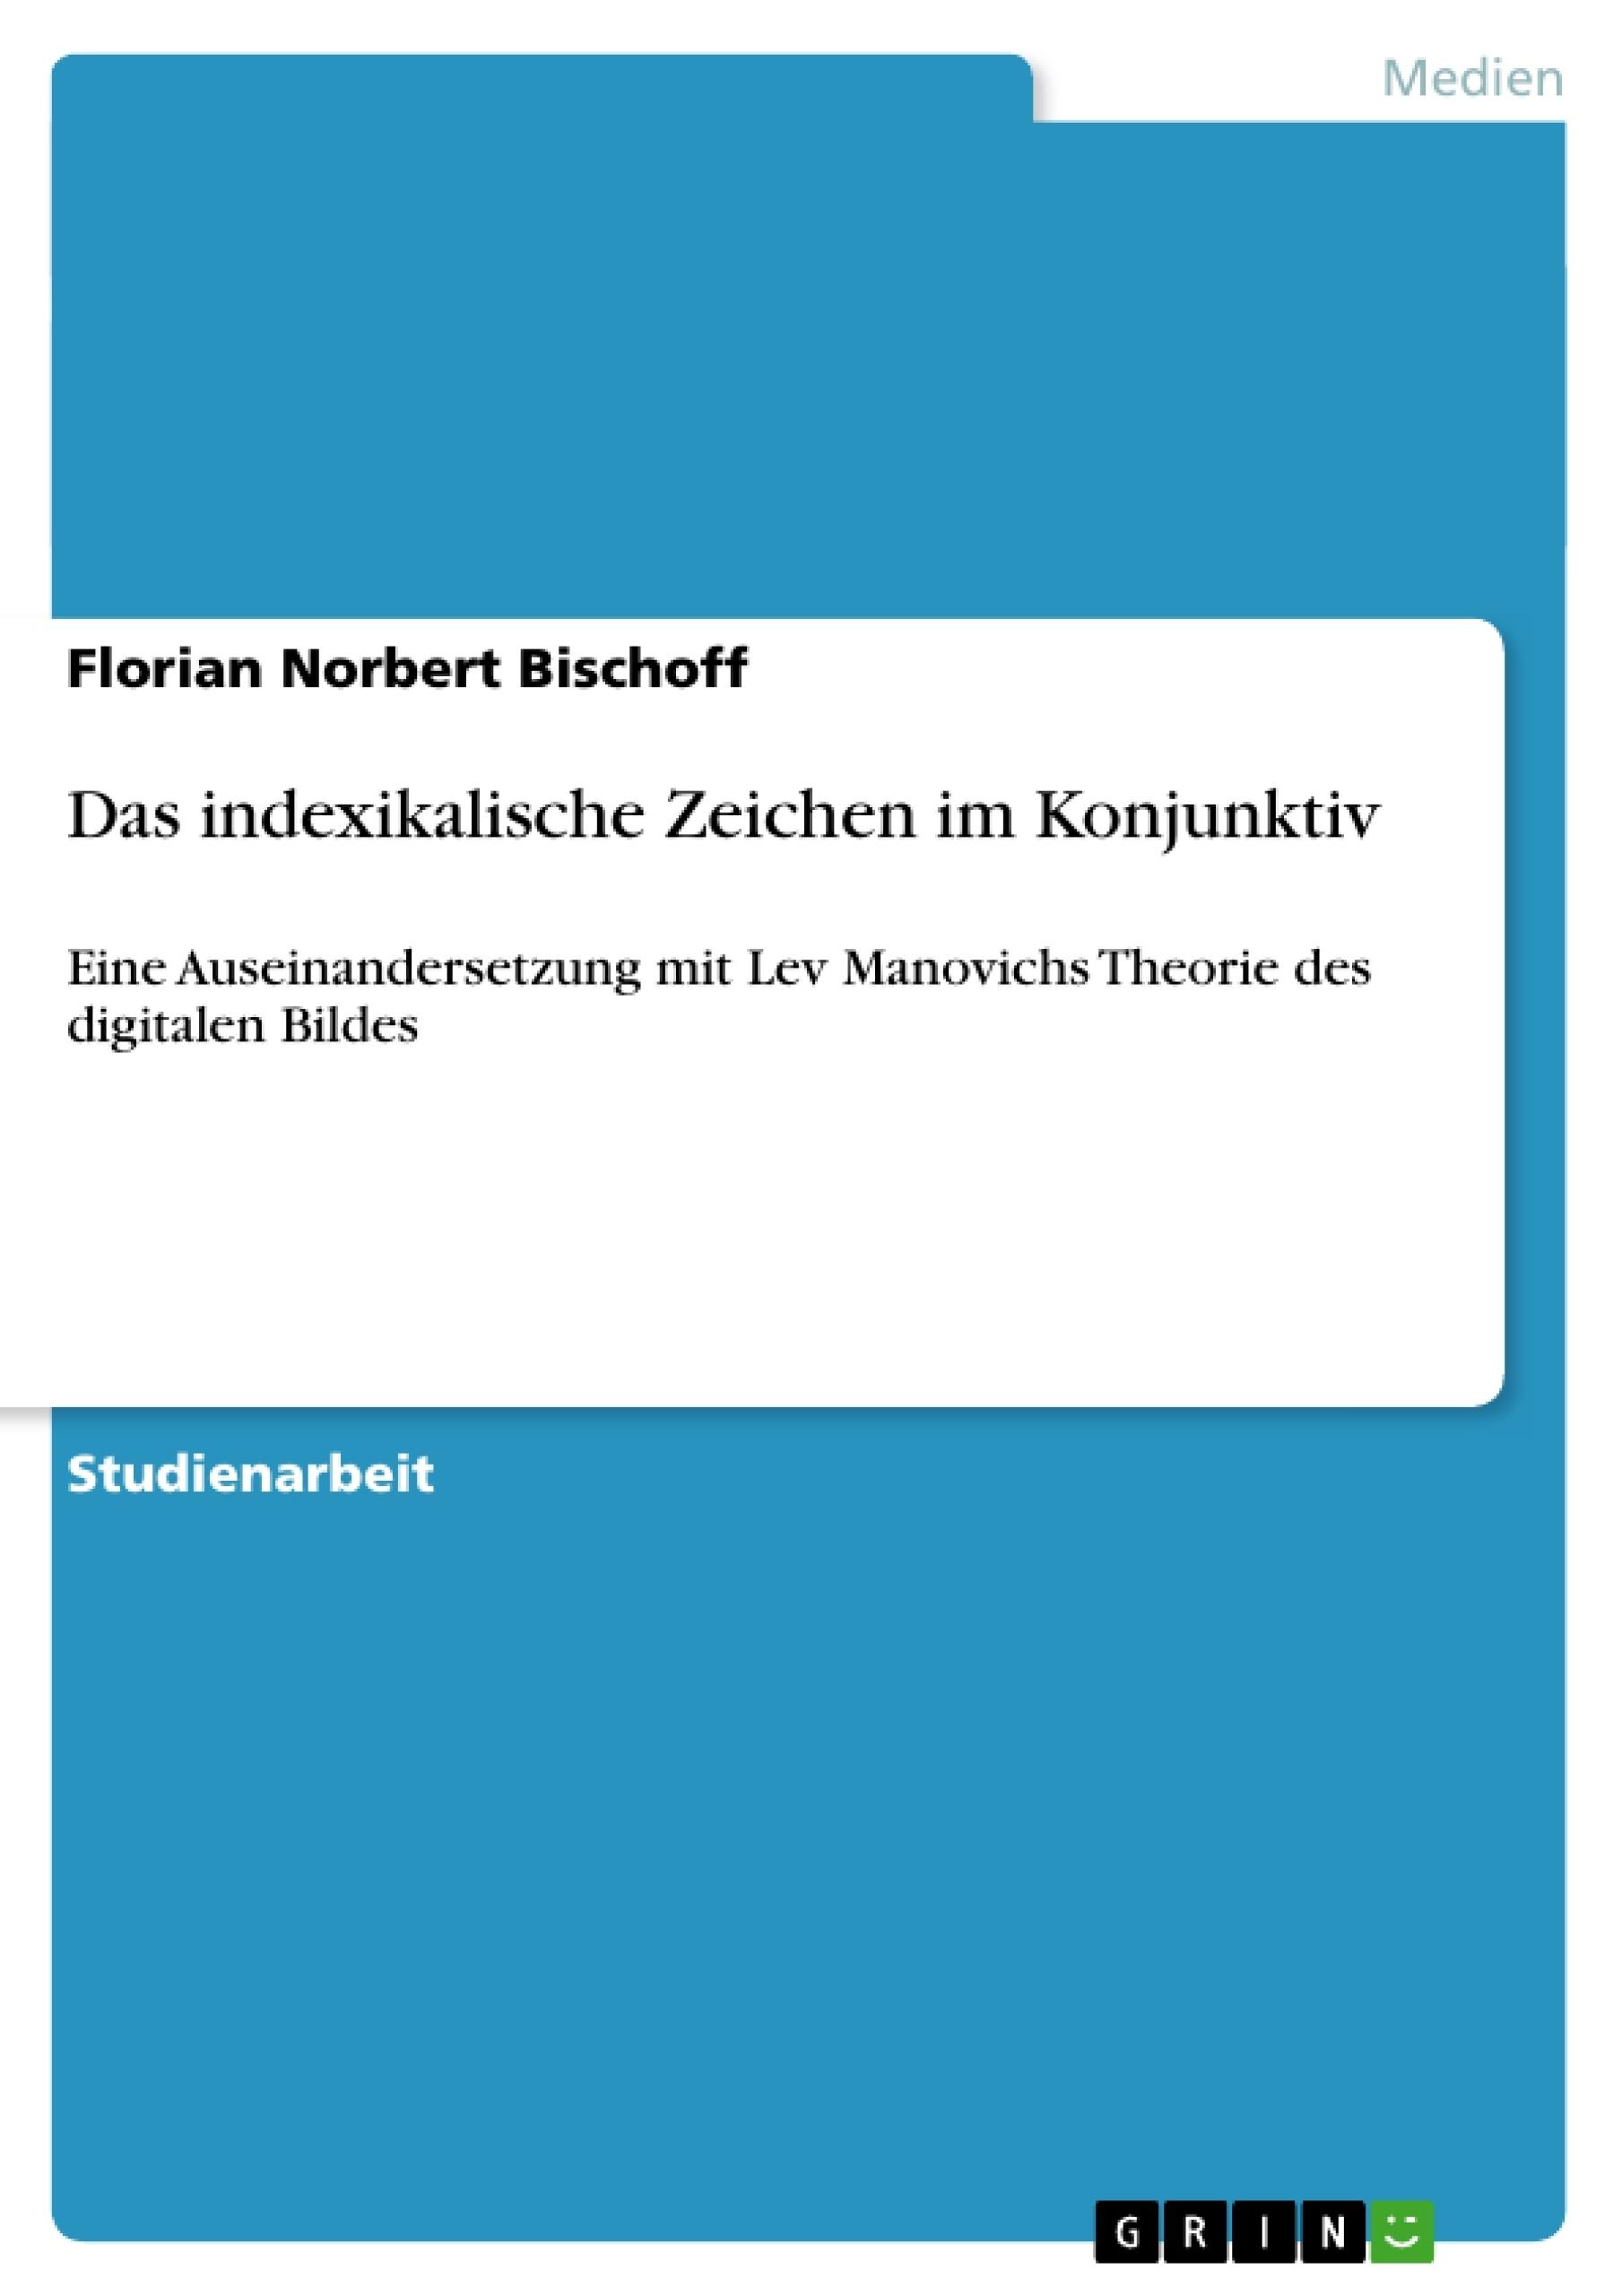 Titel: Das indexikalische Zeichen im Konjunktiv